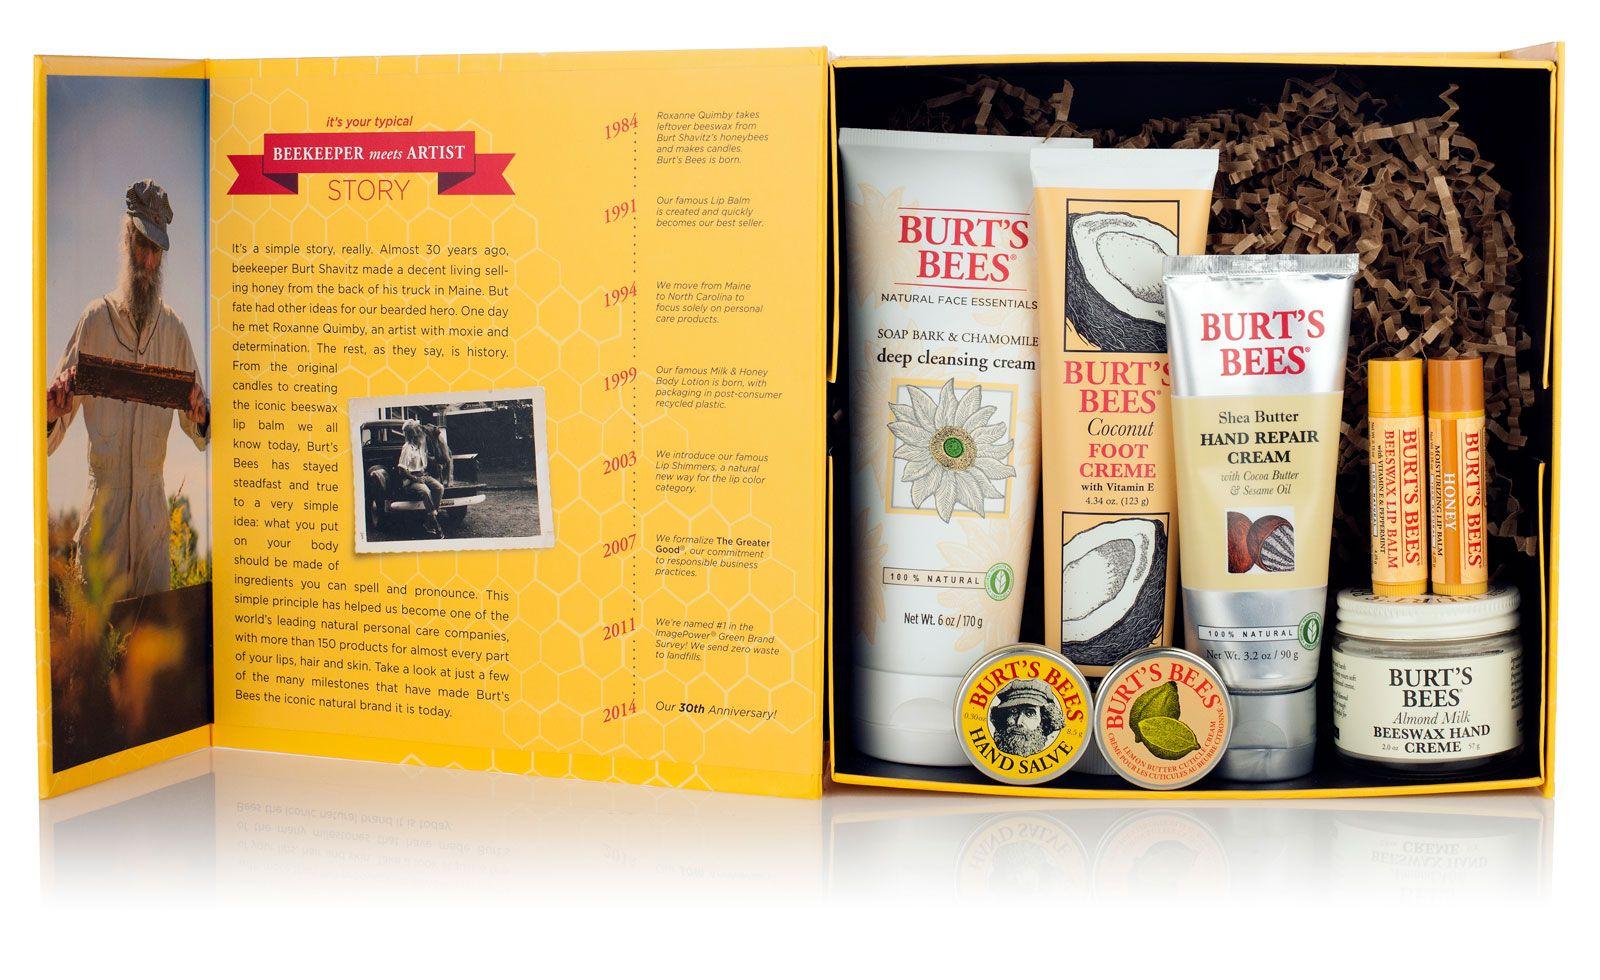 Zestaw kosmetyków Burt's Bees (zdjęcie Burt's Bees)